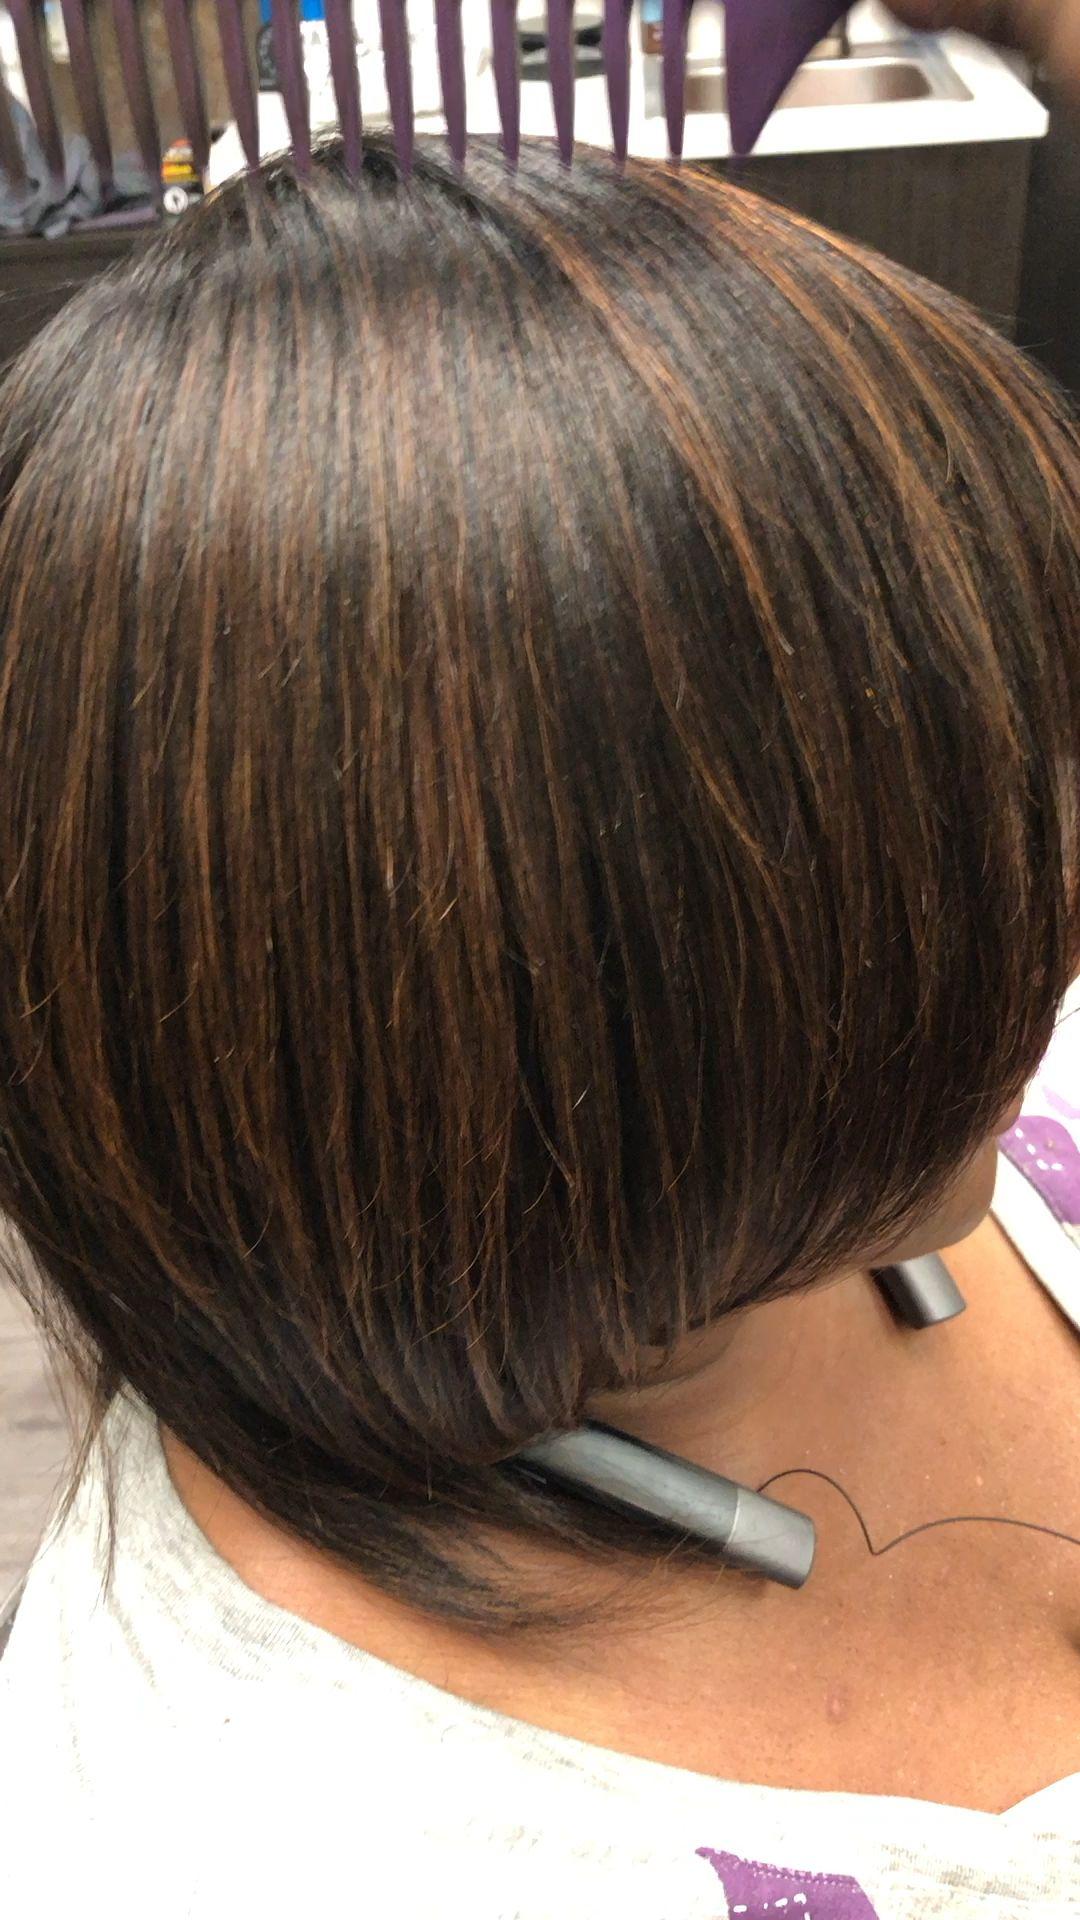 Willie David Hair - Hair Salon, Pixie Cut